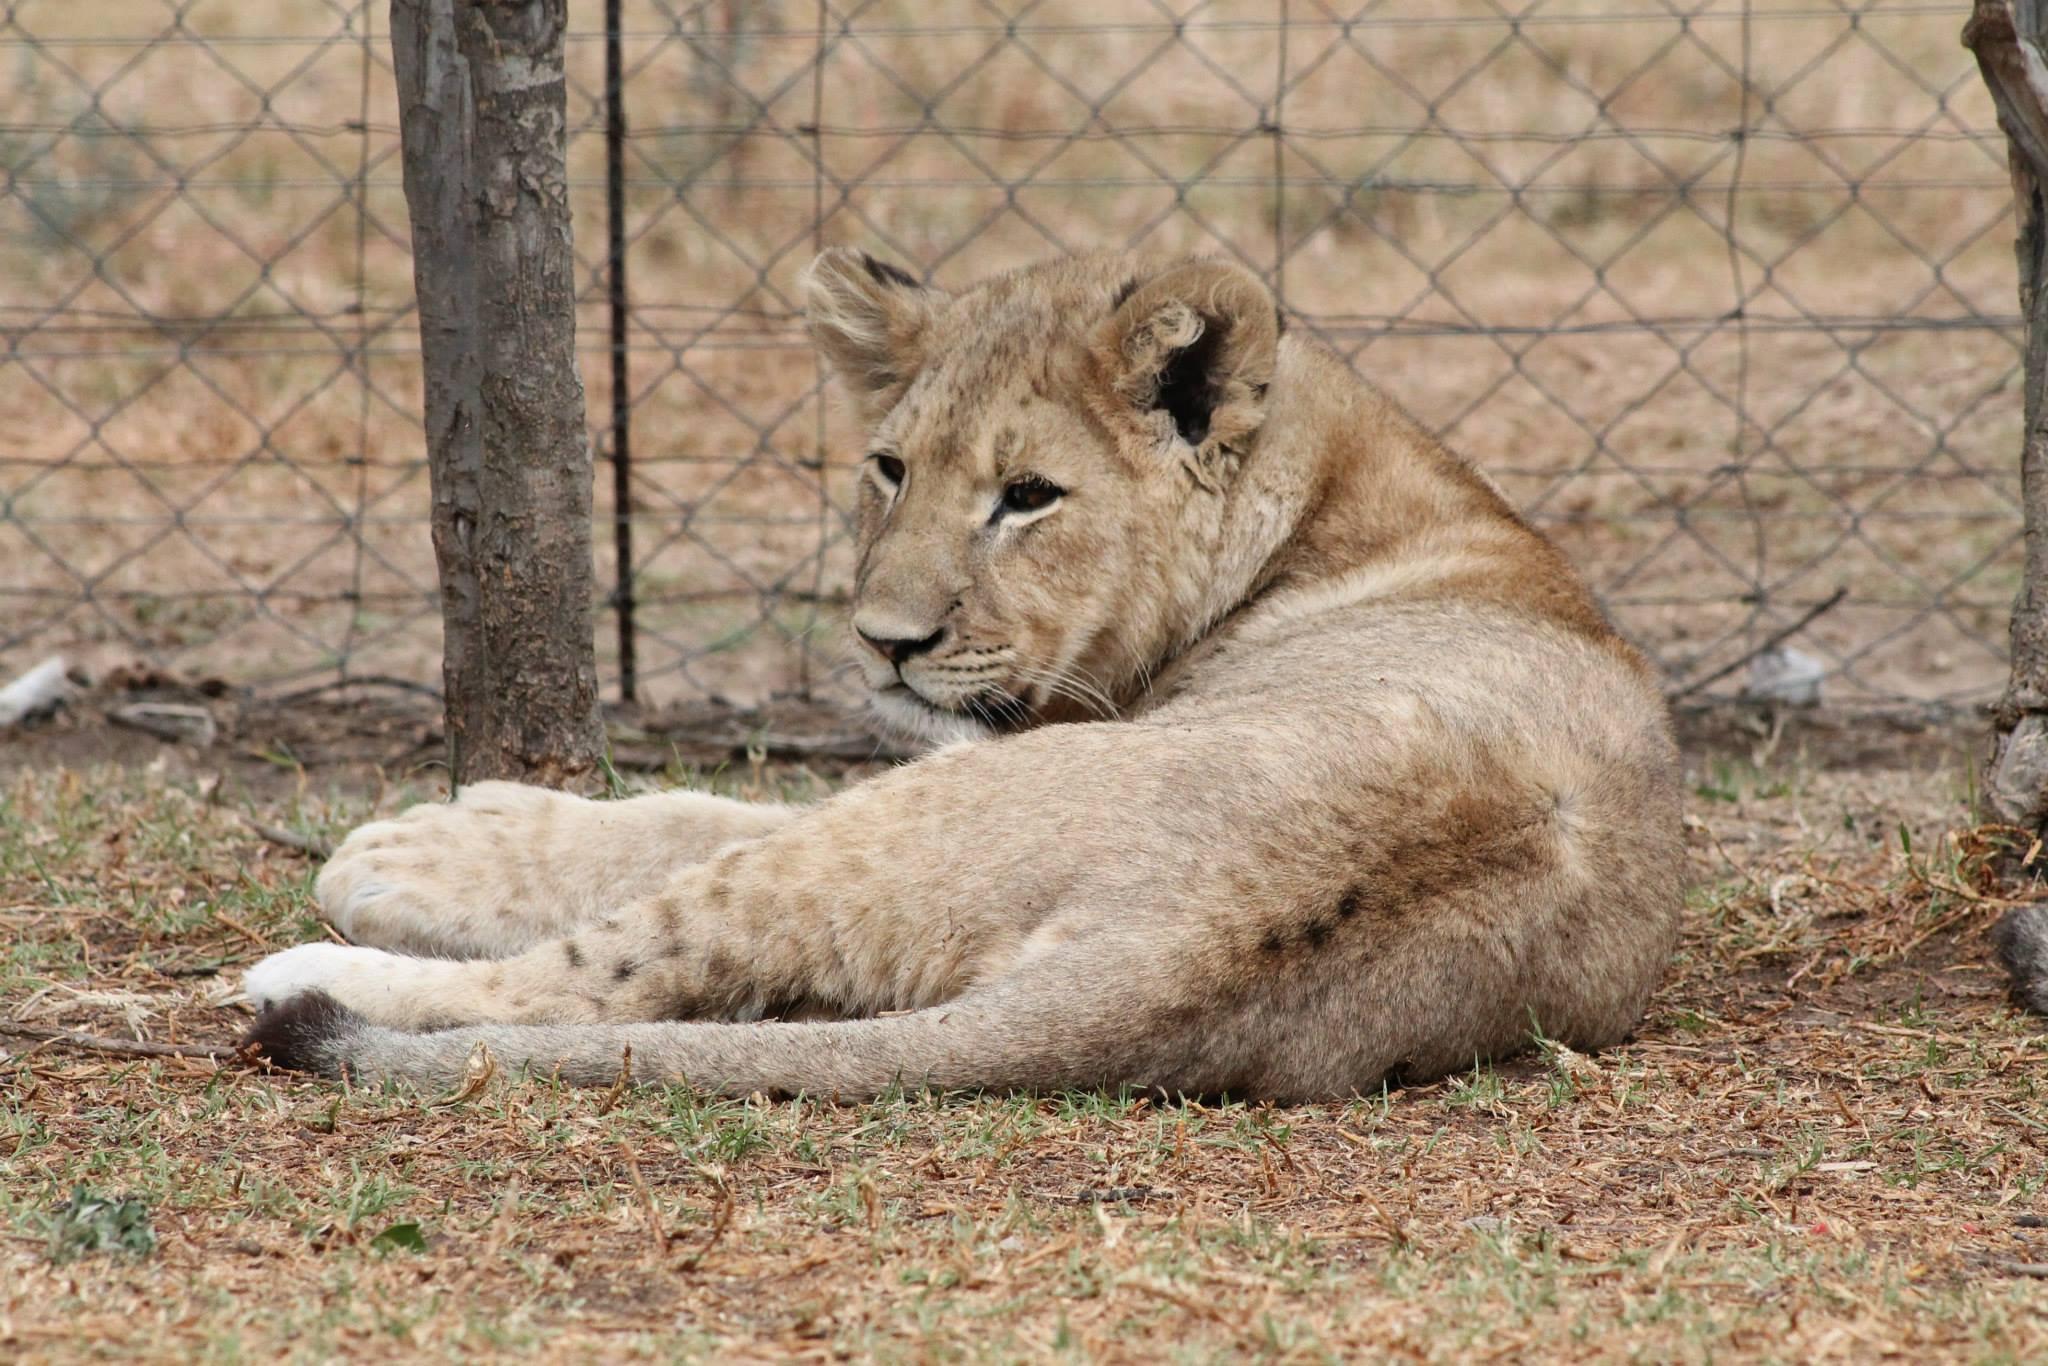 Lions at Weltevrede Lion Farm